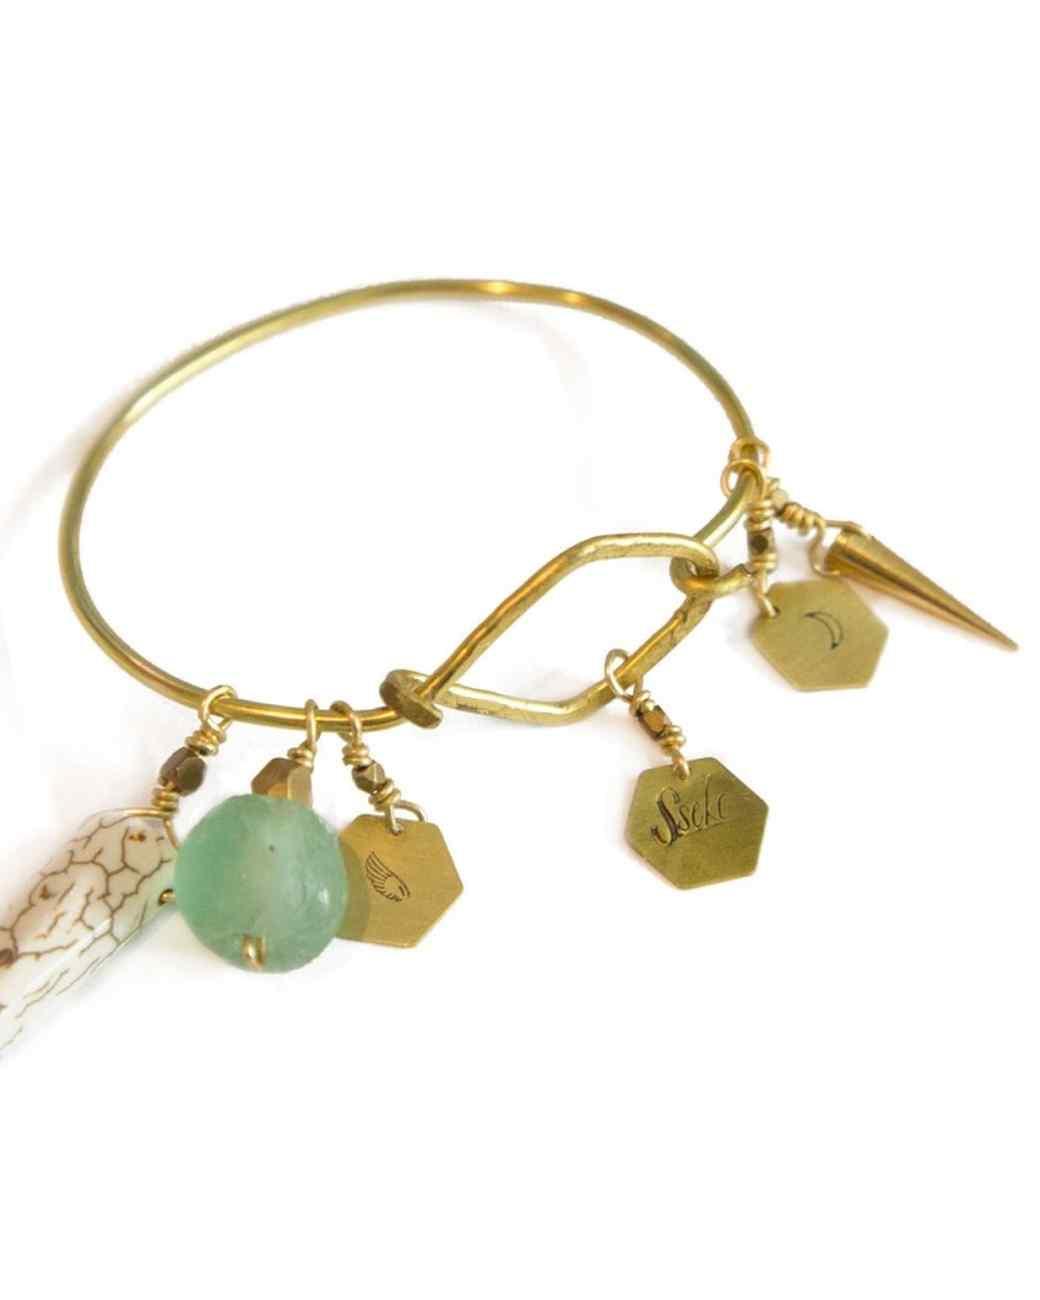 Sseko Designs wanderlust bracelet